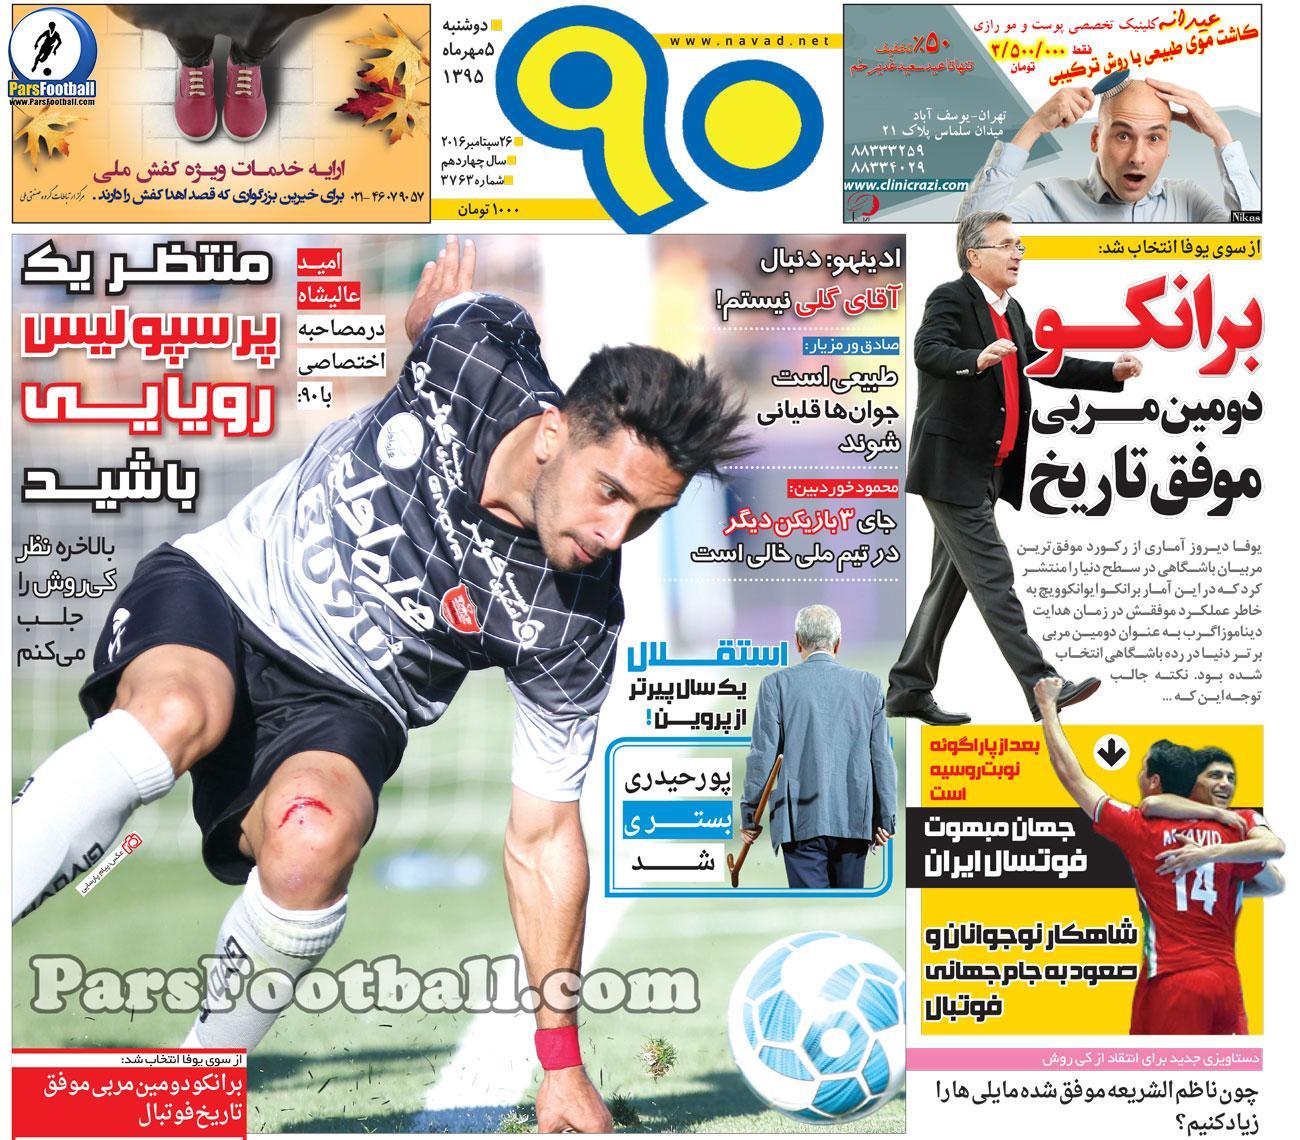 روزنامه نود دوشنبه 5 مهر 95